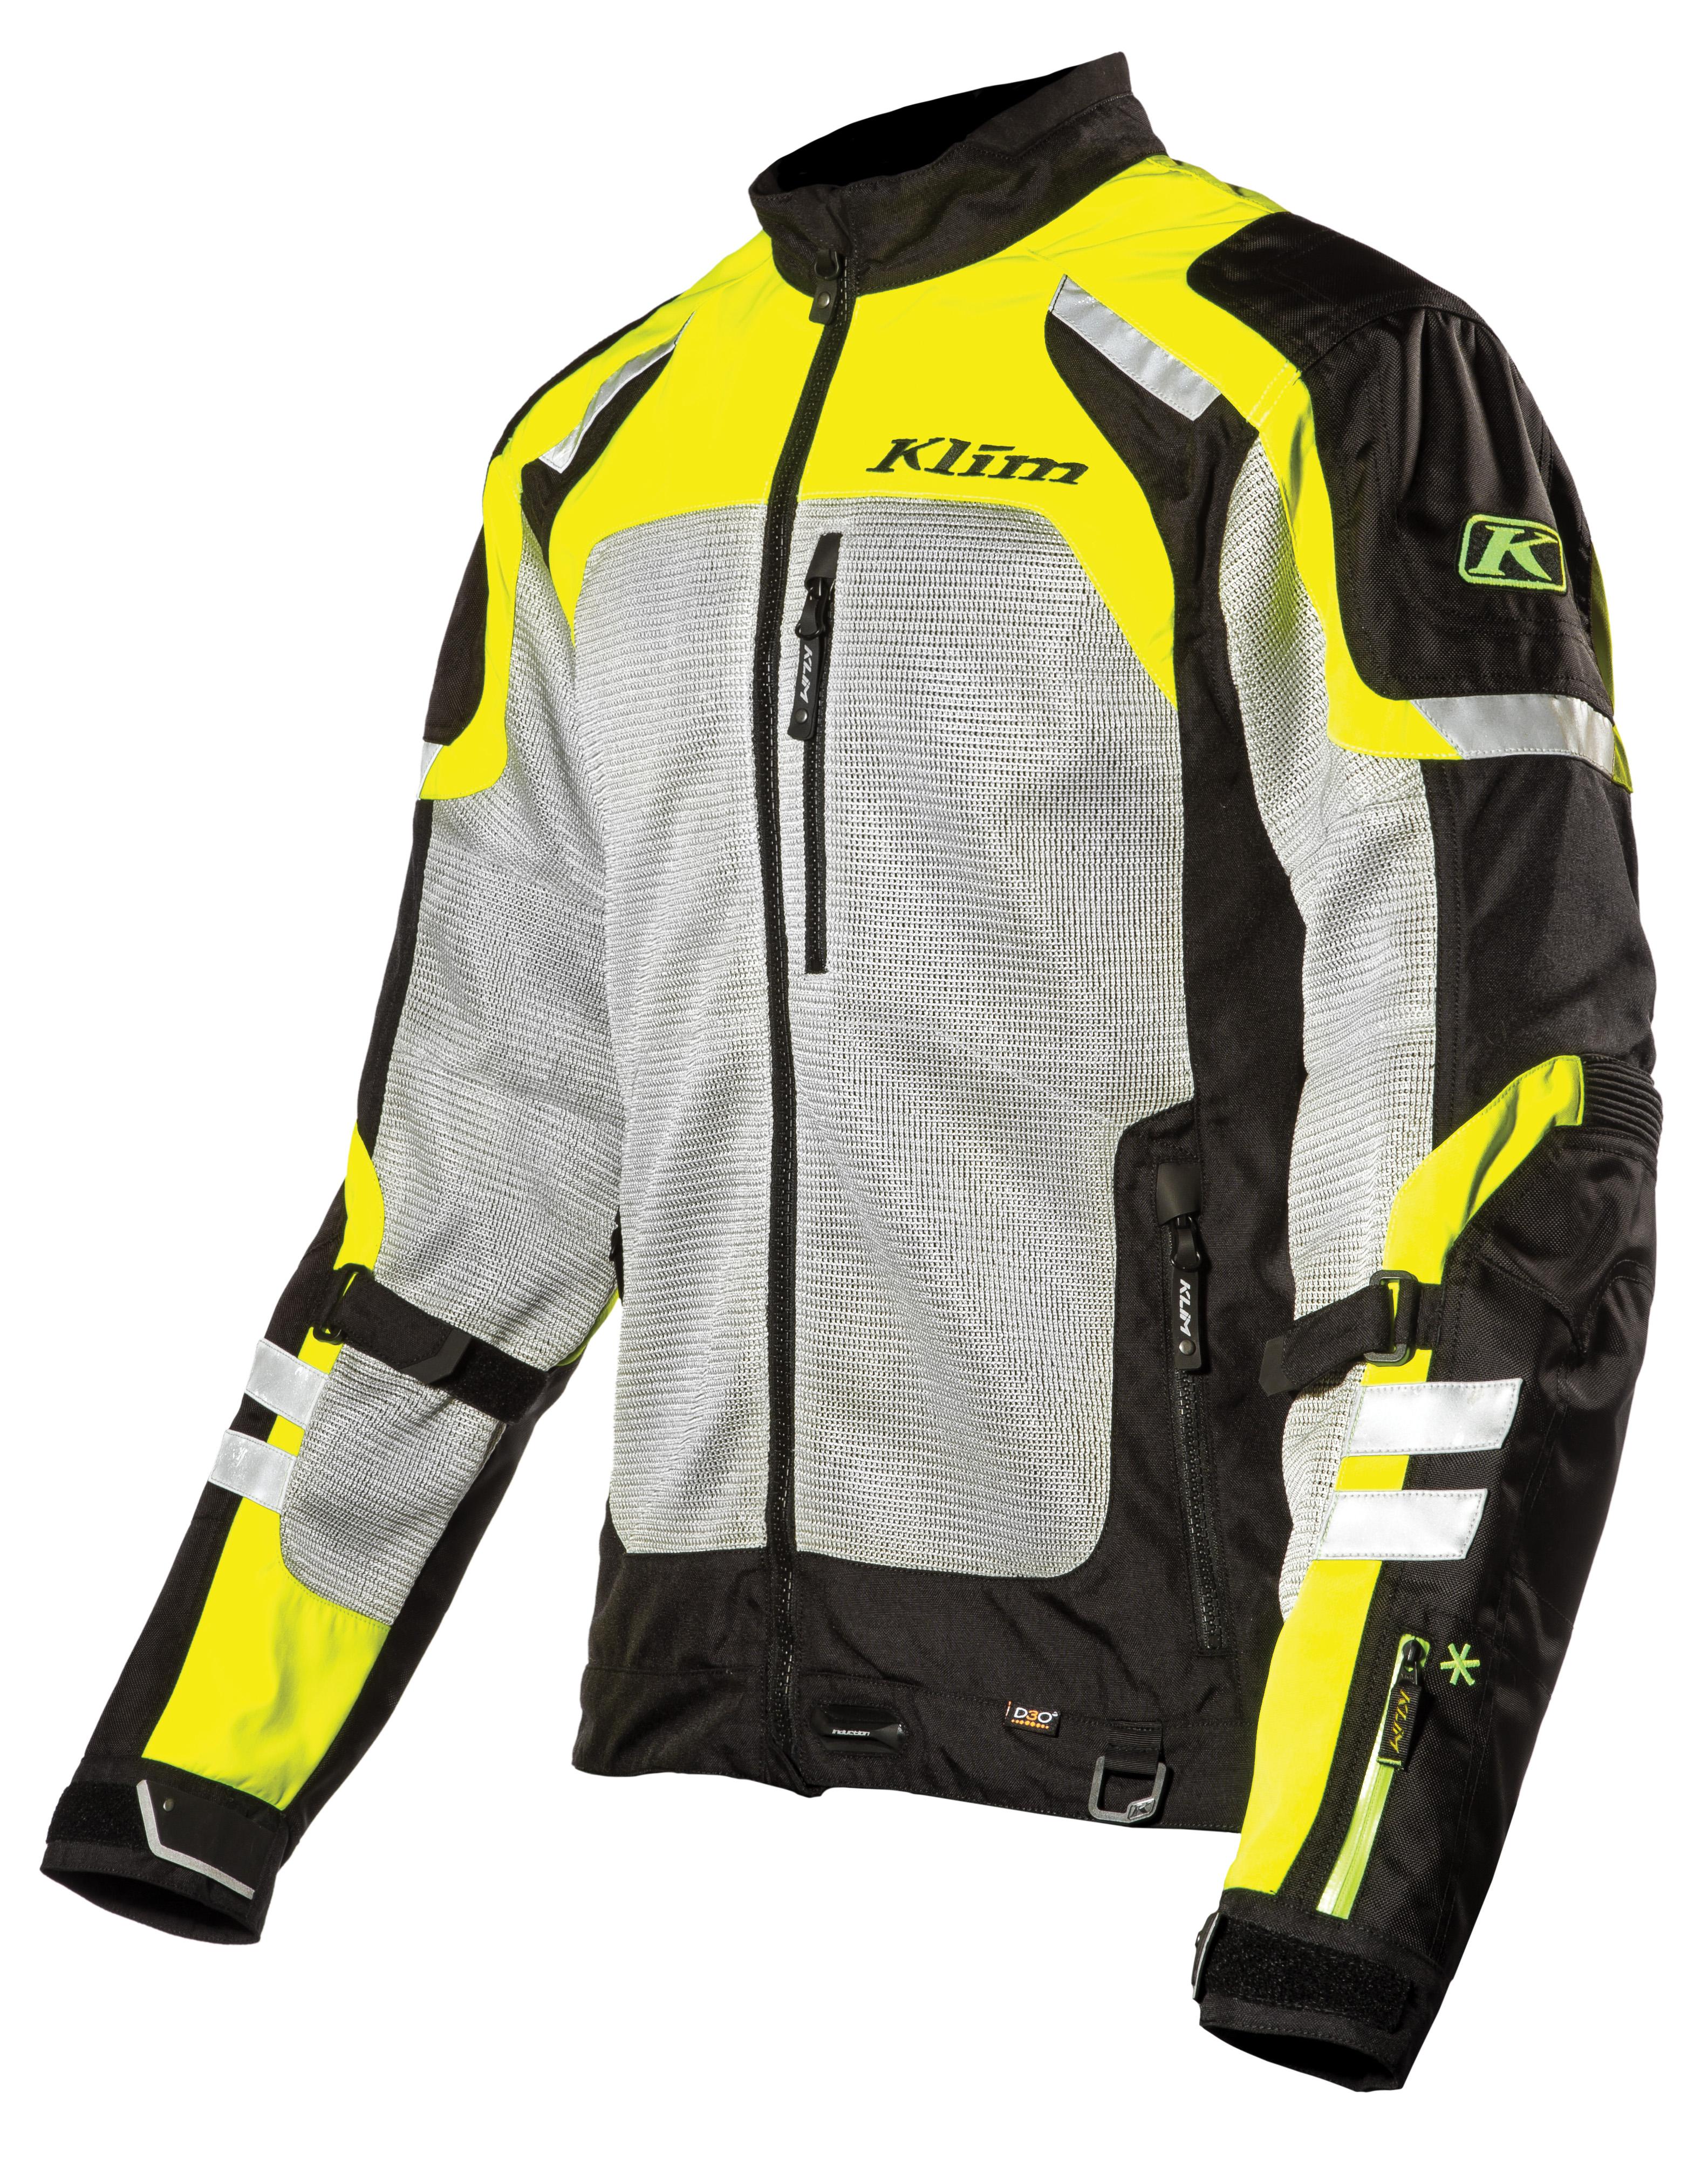 Induction Jacket 5060-000-500